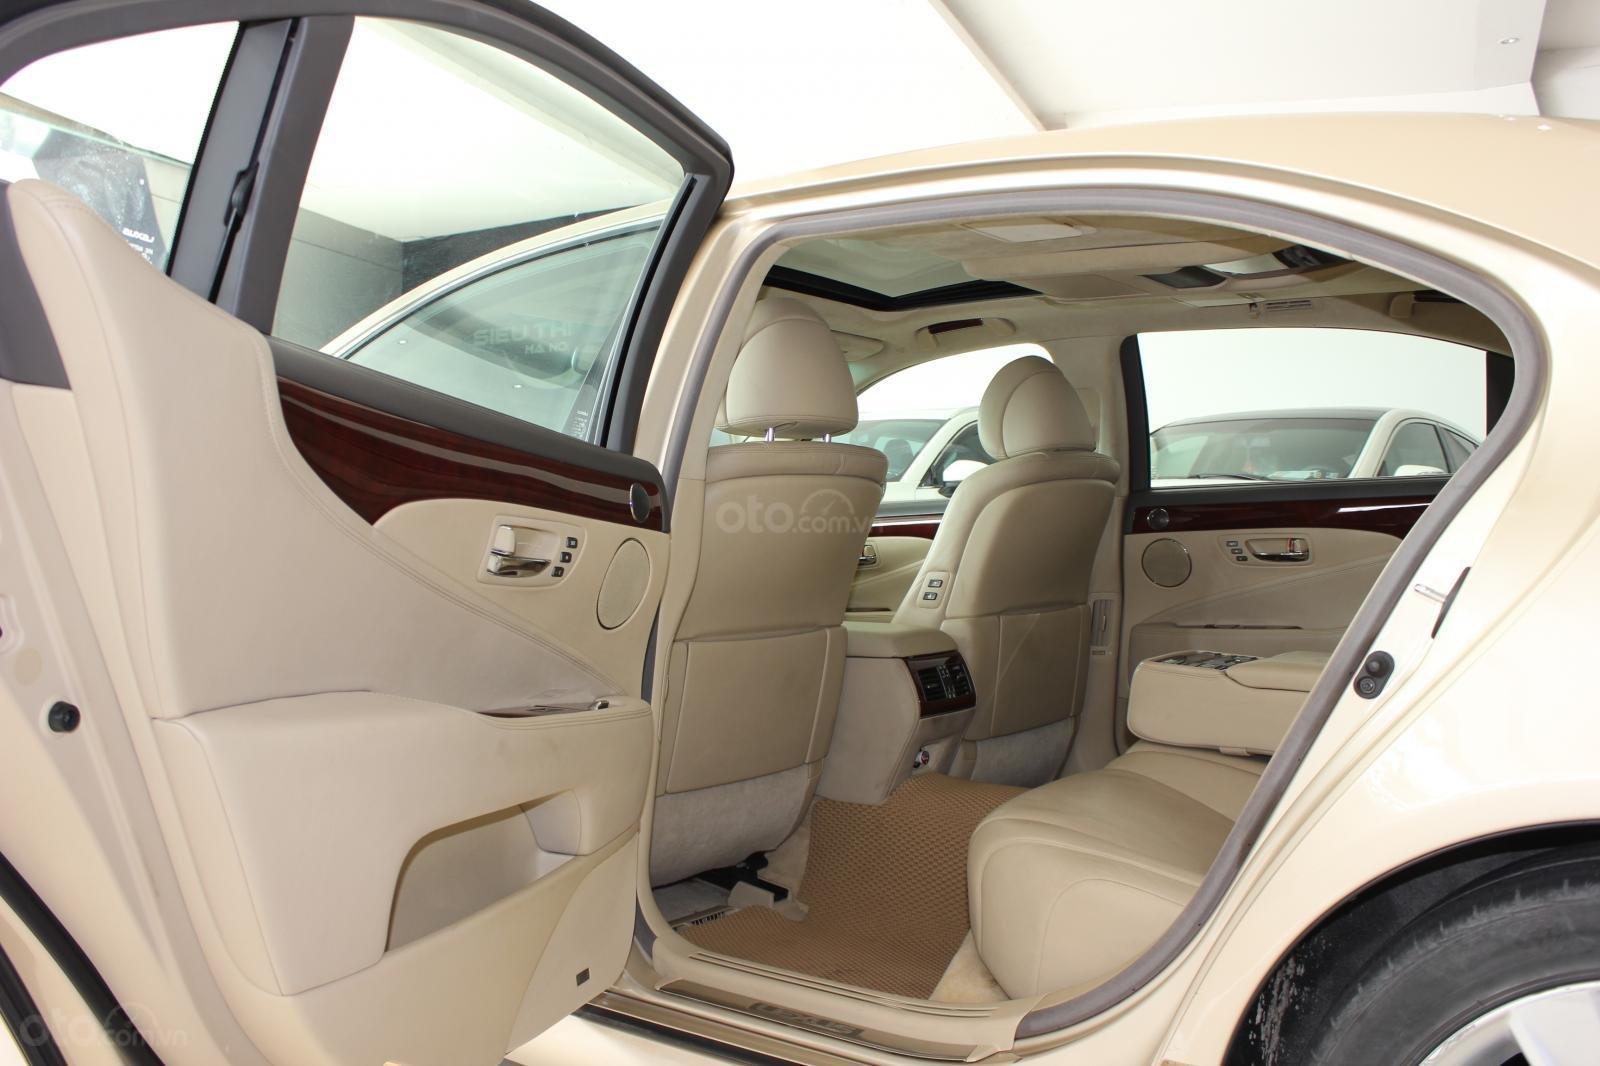 Cần bán xe Lexus LS 600HL 5.0 xăng điện 2008, màu vàng, nhập khẩu (14)